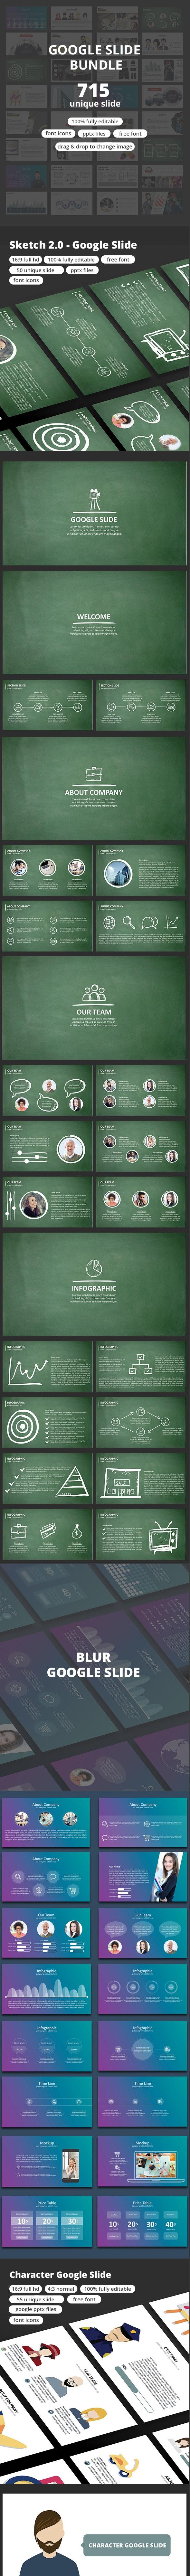 The Google Slide Bundle - Google Slides Presentation Templates